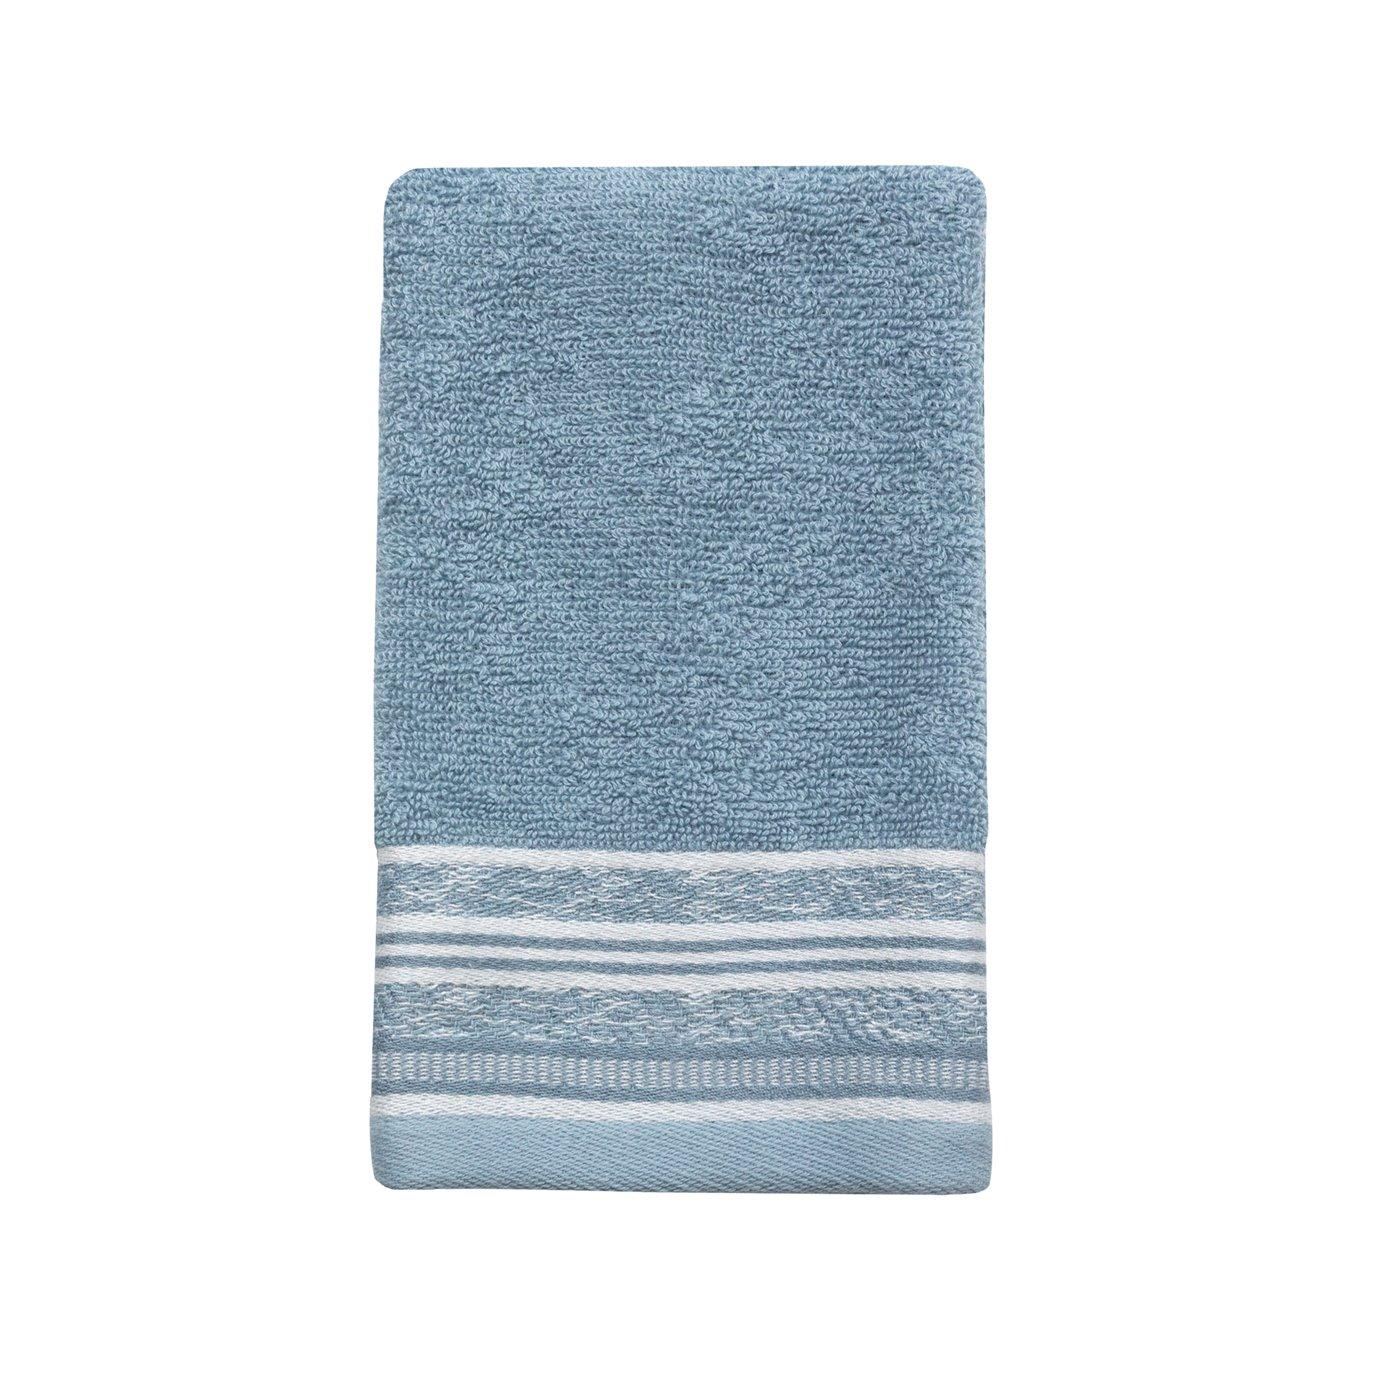 Nomad Fingertip Towel 11X18